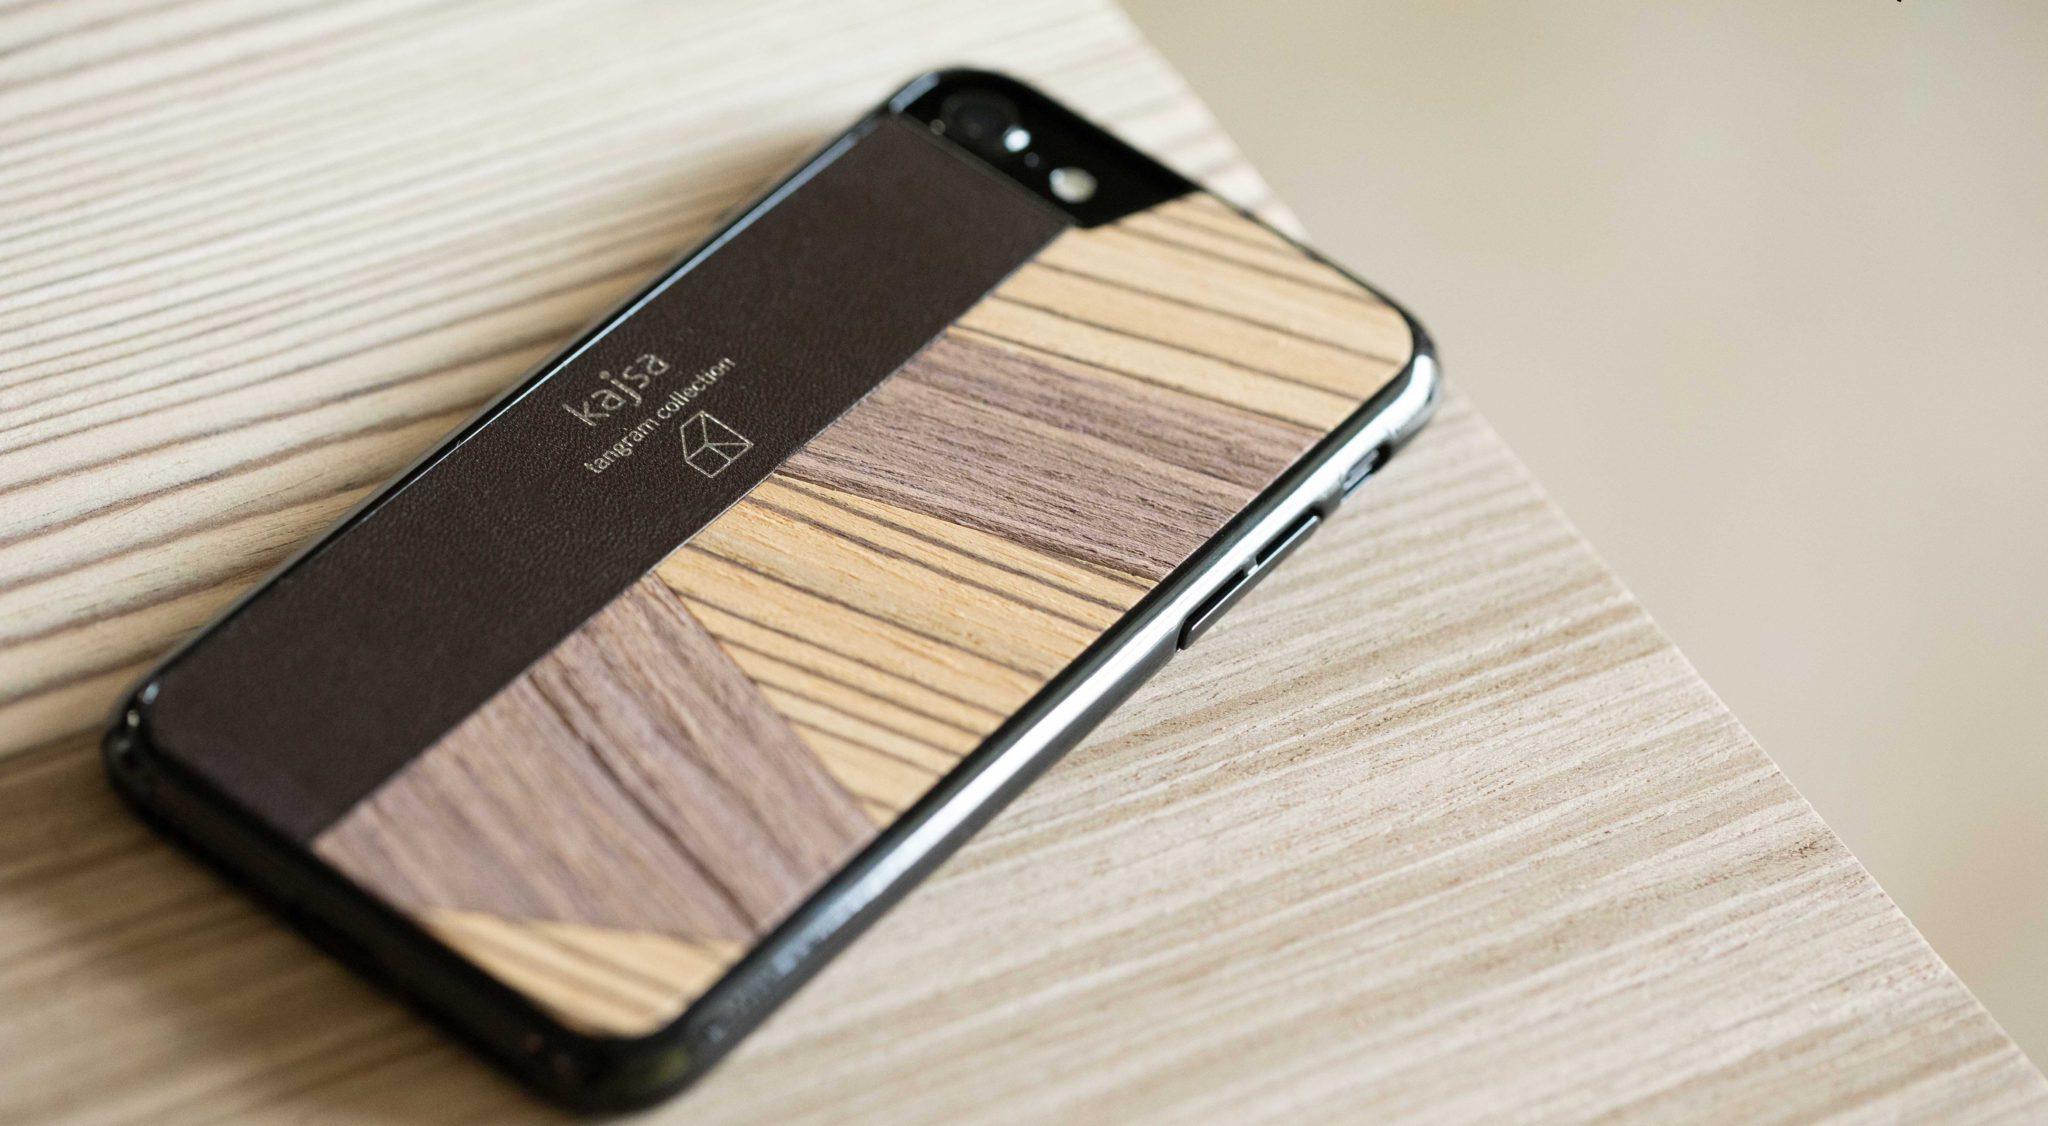 Eine Dunkelbraune Schutzhülle Case aus echtem Holz kombiniert mit echtem Leder für das iPhone 8 Plus, das iPhone 8, das iPhone 7 und das iPhone 7 Plus.